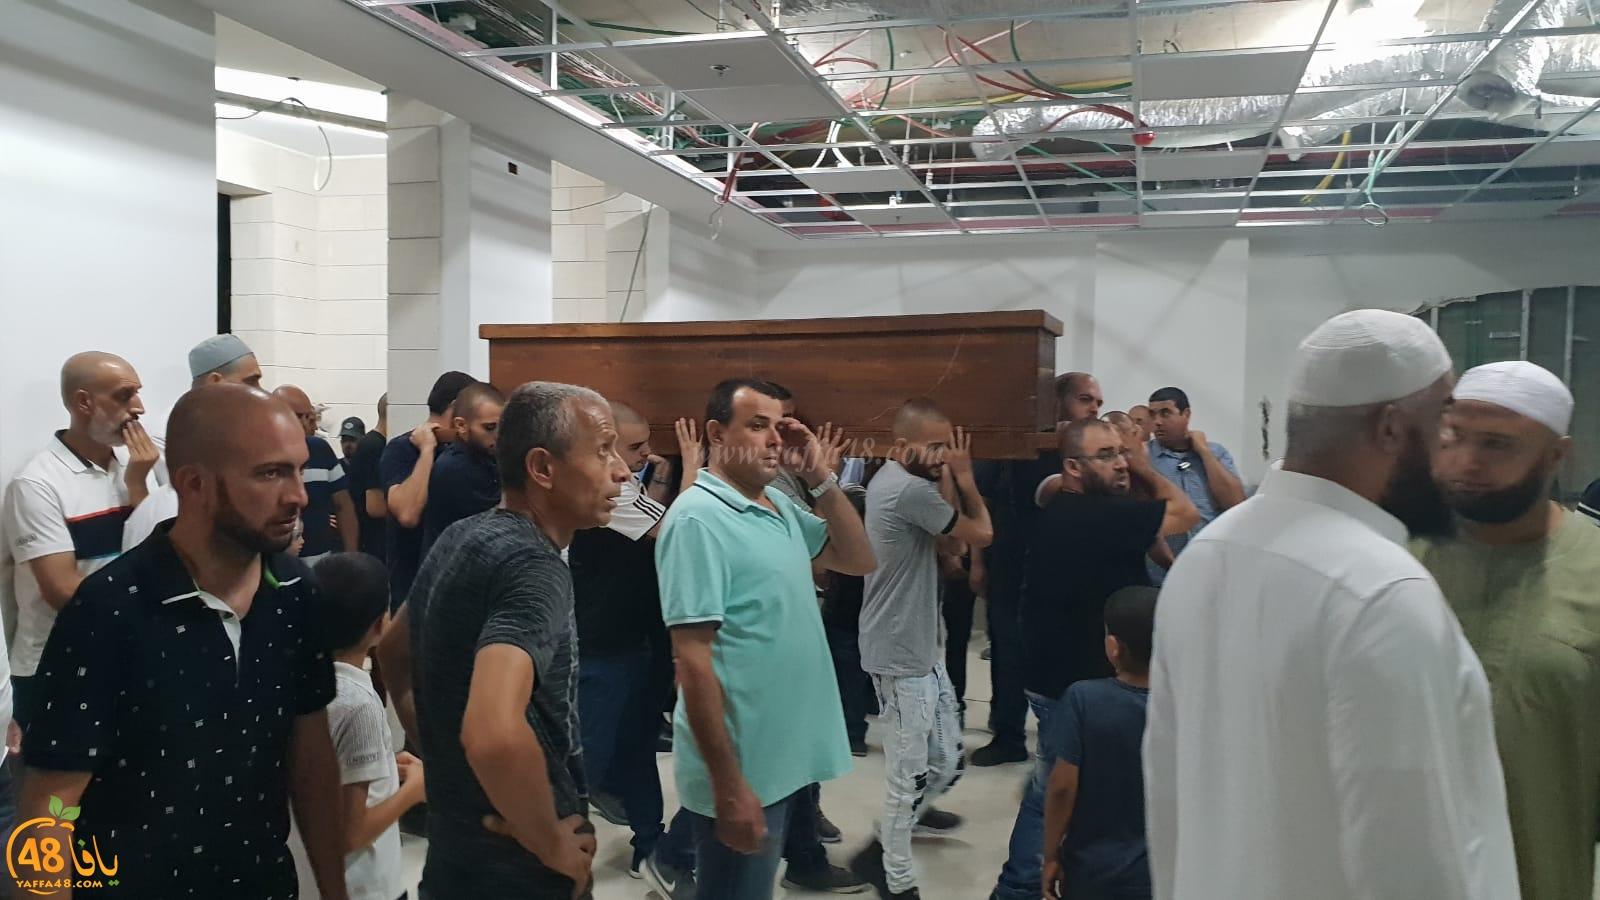 اللد: الحاج حماد حسونة ابو ماهر (70 عاماً) في ذمّة الله